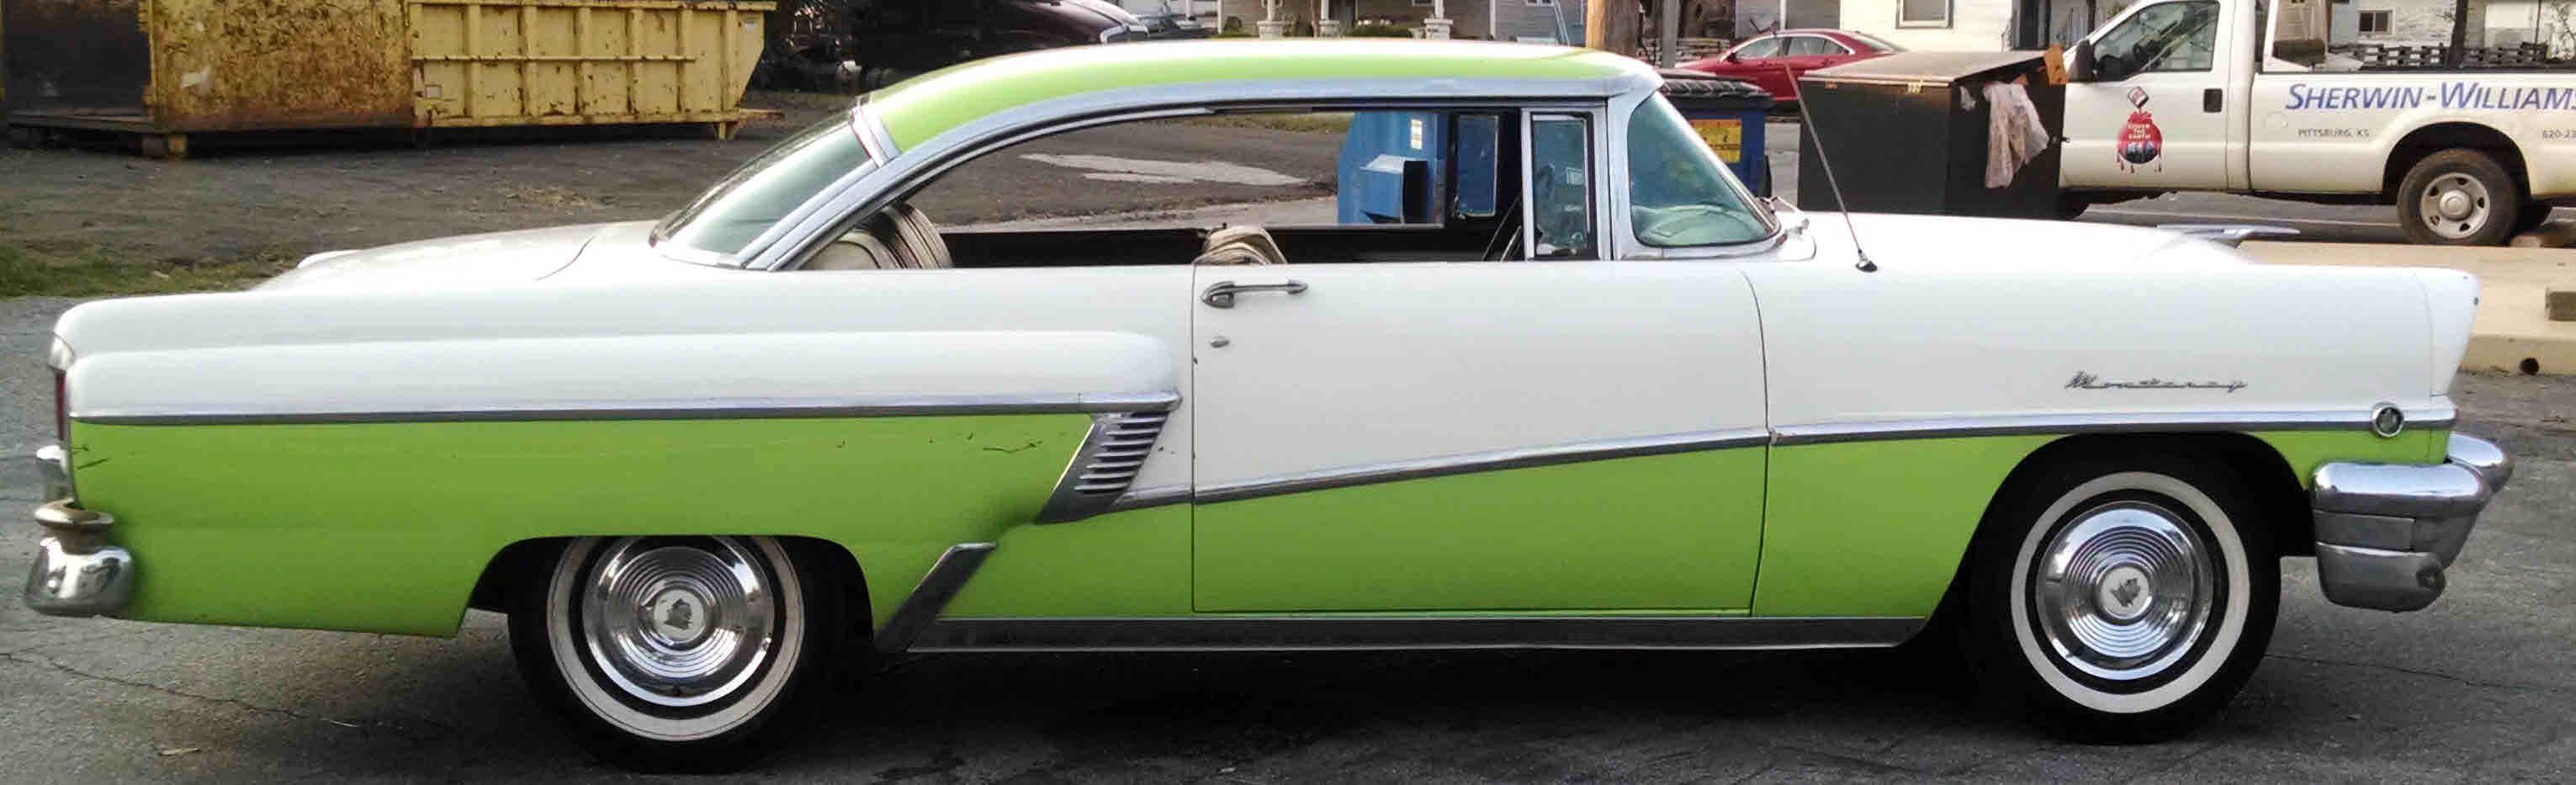 Loughmiller motors for 1955 mercury monterey 2 door hardtop